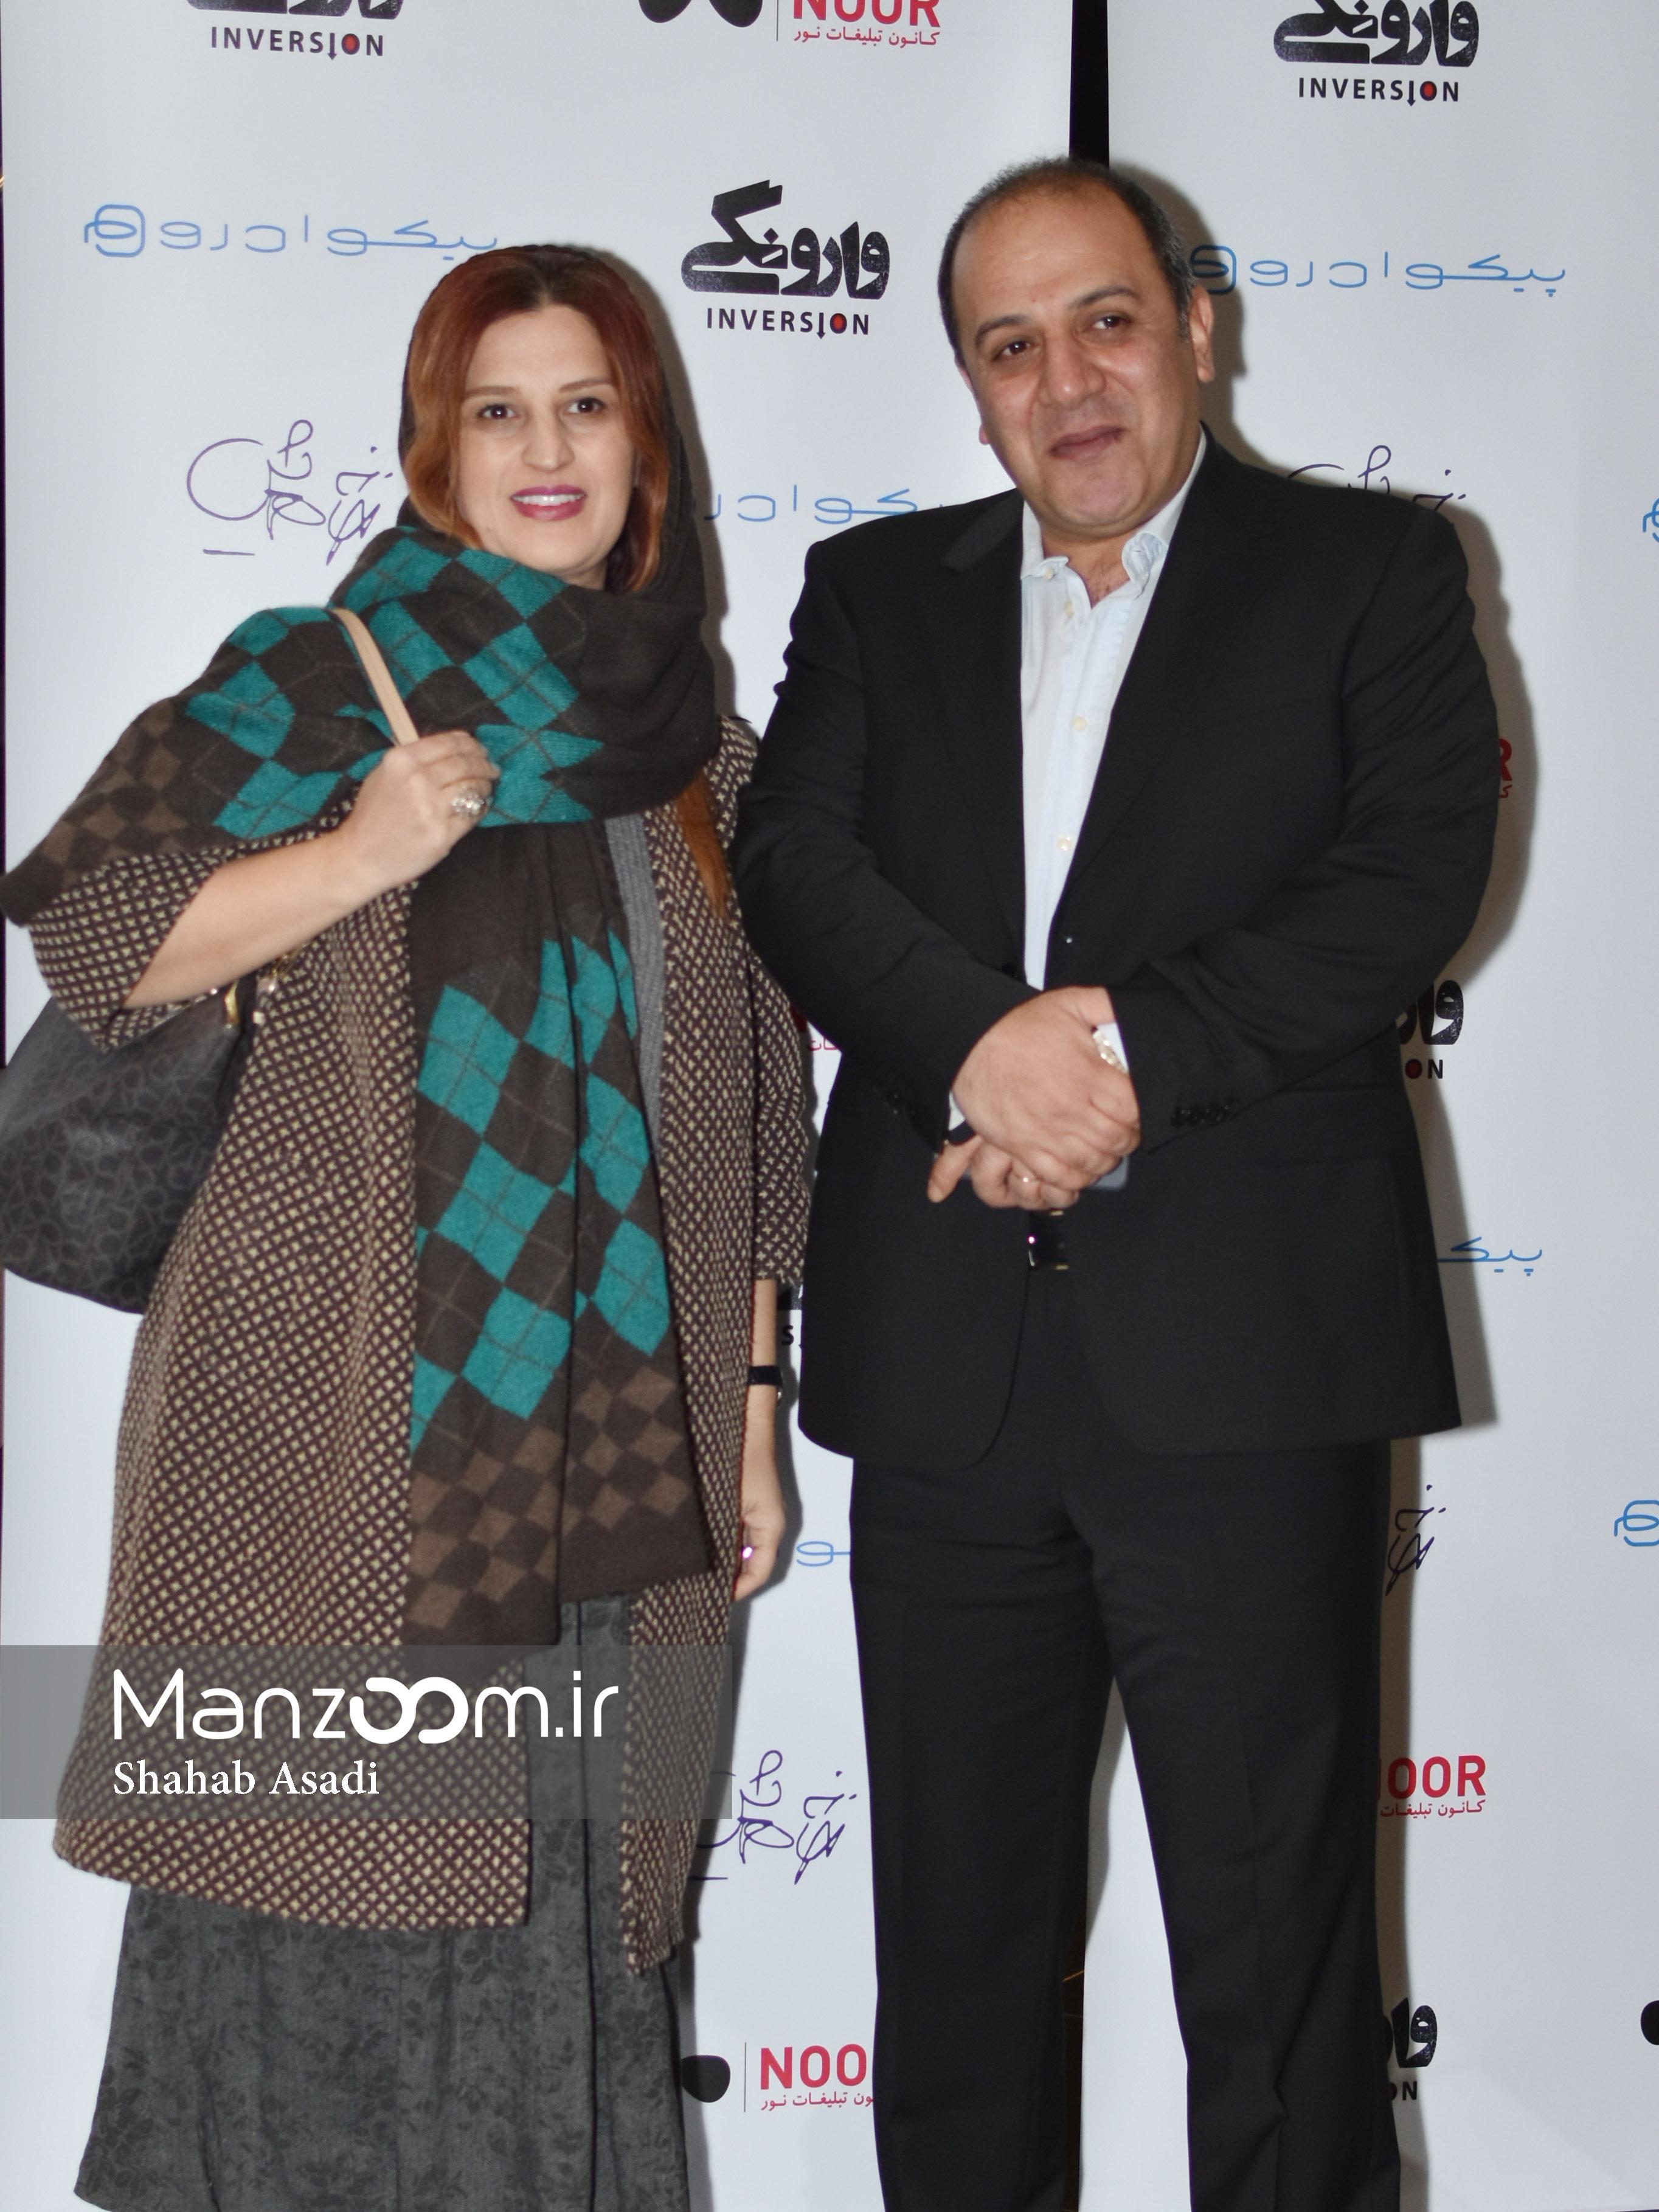 سحر دولتشاهی و لیلا حاتمی در اکران خصوصی «وارونگی»